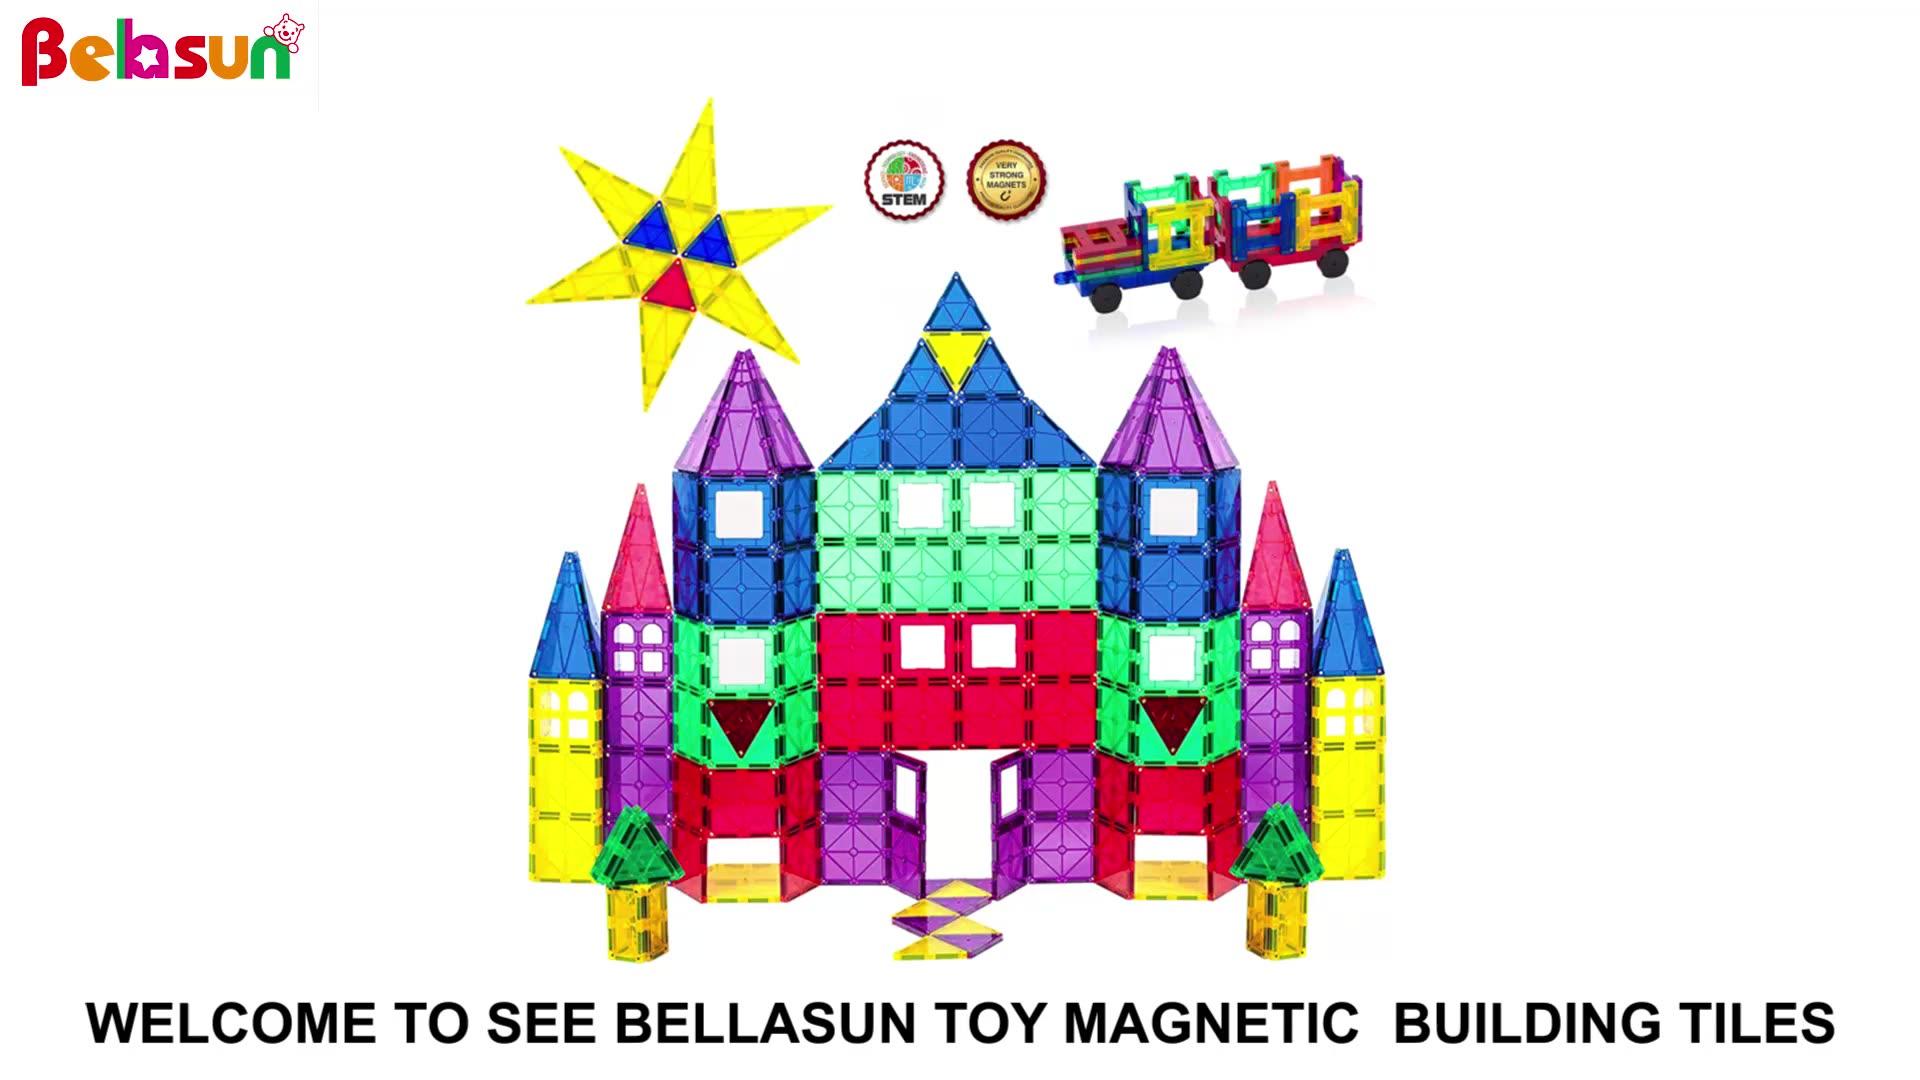 ที่กำหนดเองAmazonร้อนขายแม่เหล็กบล็อกต่ำMOQก้านของเล่นก่อสร้างของเล่นอาคารบล็อก